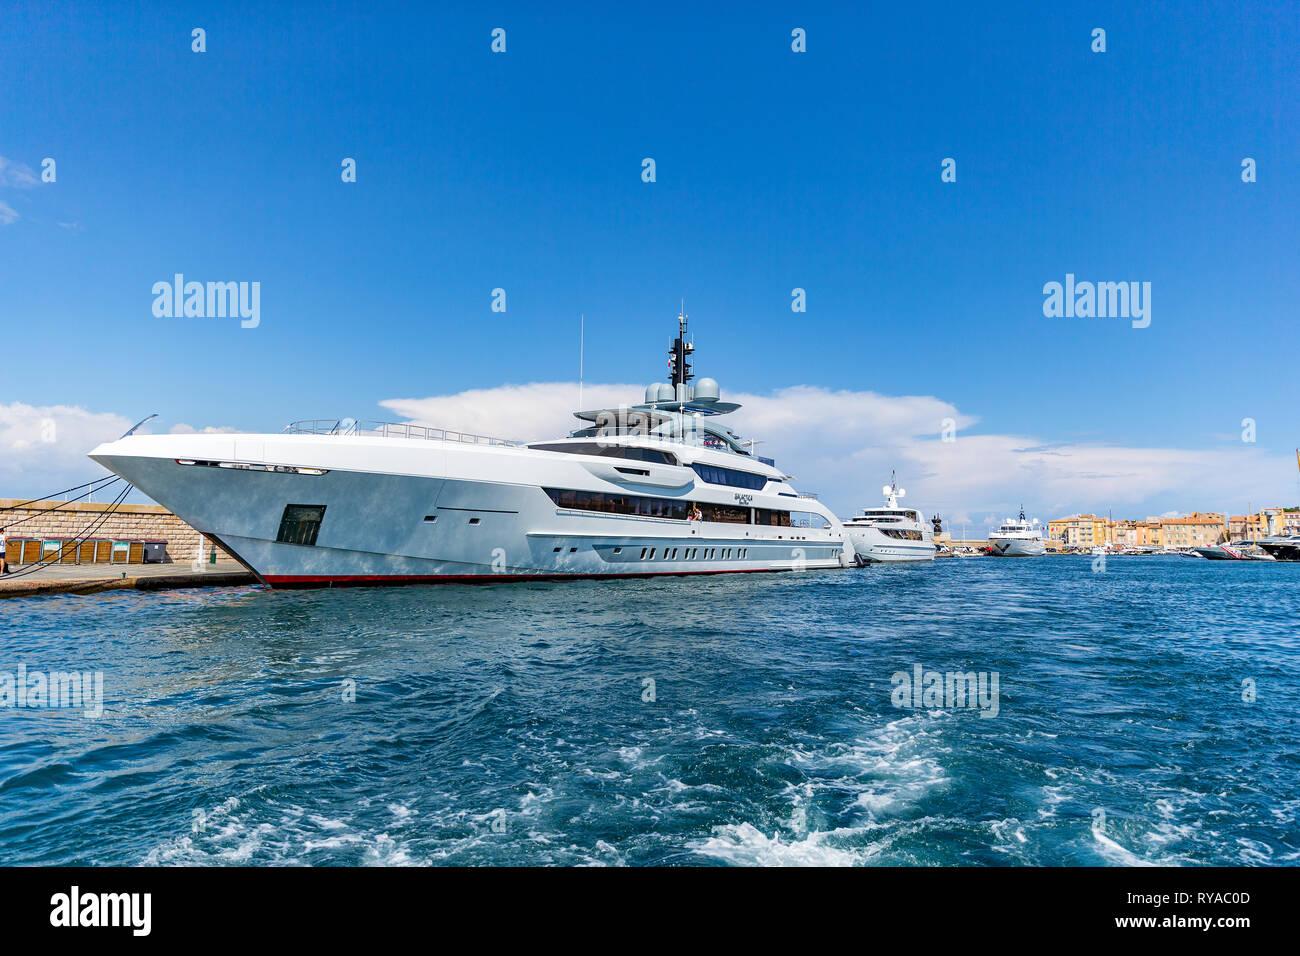 Yachtcharter im Eingang zum Hafen vor den historischen Gebaeuden in Saint Tropez, Frankreich, 01.09.2018 Bildnachweis: Mario Hommes/HH-Fotografie Stockbild